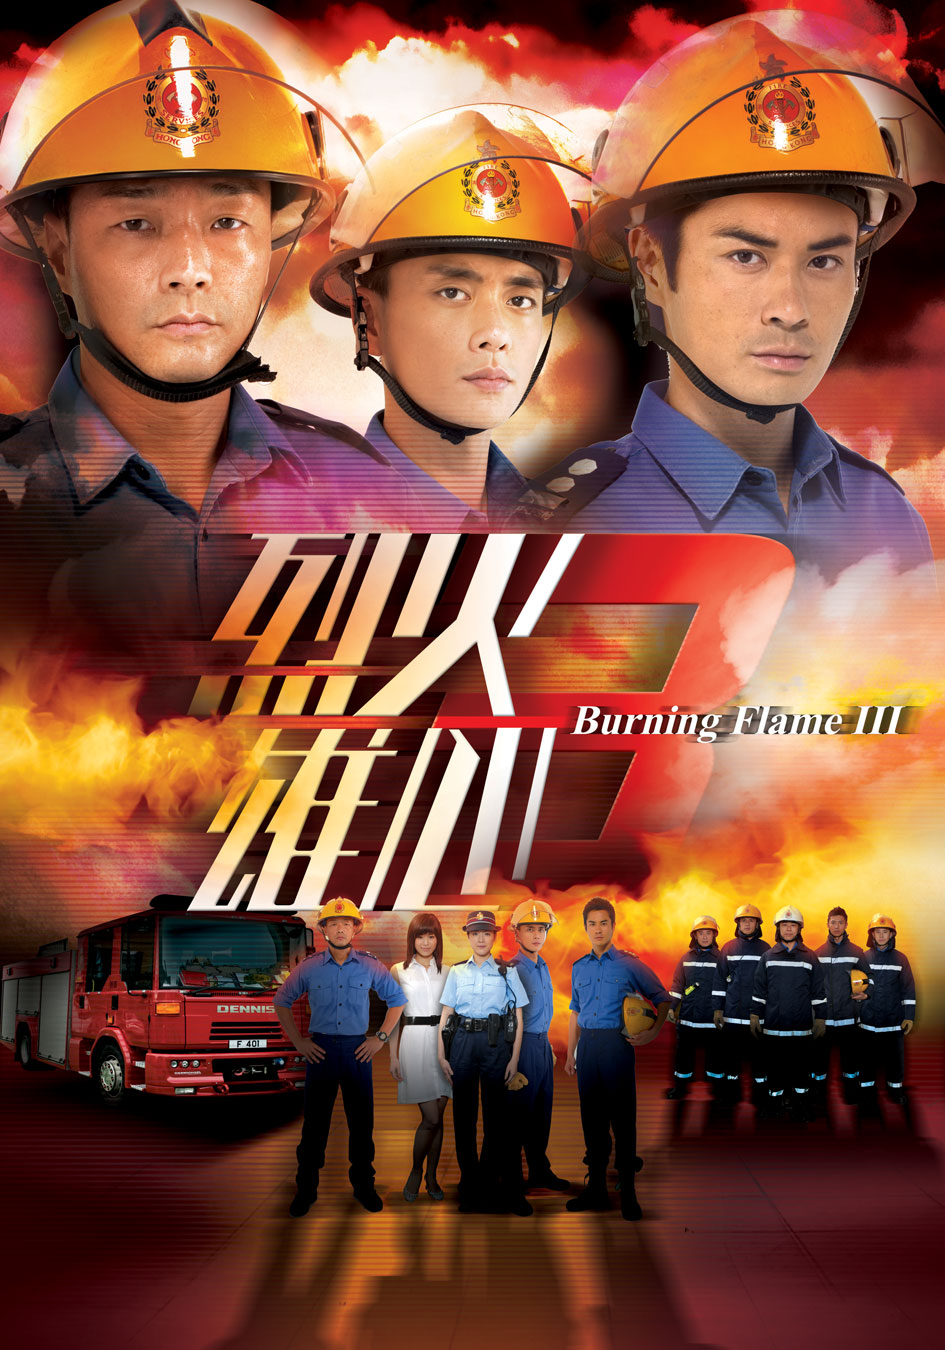 烈火雄心3-Burning Flame III